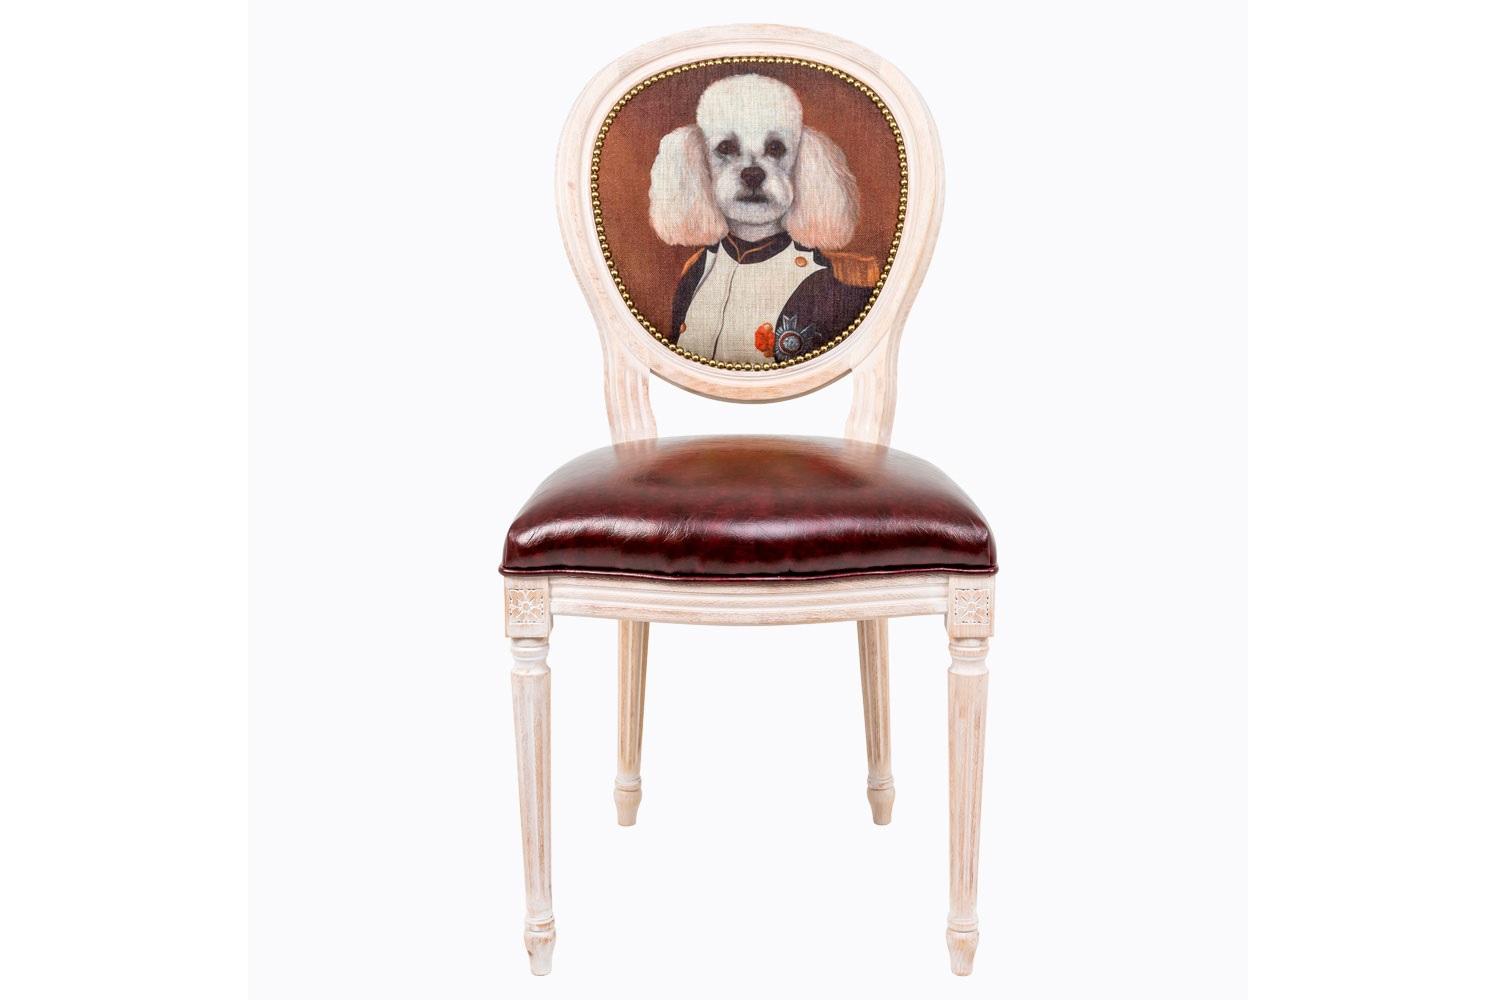 Стул Музейный экспонат, версия 3Обеденные стулья<br>Прототипом персонажа коллекции &amp;quot;Музейный экспонат&amp;quot; послужил портрет  Наполеона в кабинете дворца Тюильри, написанный Жаком-Луи Давидом в 1812 году. Французский полководец предстает зрителю в рабочем кабинете, расположенном на первом этаже дворца, изображённый в скромной униформе полковника гренадеров гвардейской пехоты.&amp;amp;nbsp;Стулья серии &amp;quot;Музейный экспонат&amp;quot; имитируют дворцовую эпоху Луи-Филиппа, предпочитающую благородные лаконичные формы, раскрашенные золотистыми анкерами и филигранной резьбой. Натуральное дерево и ручная работа одухотворяют предметы мебели, вносят эмоции тепла и персональной заботы. Стулья изготовлены из ядра натурального бука. Корпусы стульев серии &amp;quot;Музейный экспонат&amp;quot; выточены, брашированы и патинированы в Италии. Благородная фактура натурального дерева подчеркнута рукописной патиной. Обивка спинки оснащена тефлоновым покрытием против пятен.&amp;lt;div&amp;gt;&amp;lt;br&amp;gt;&amp;lt;/div&amp;gt;&amp;lt;div&amp;gt;Материал сидения - экокожа.&amp;lt;/div&amp;gt;<br><br>Material: Дерево<br>Width см: 50<br>Depth см: 47<br>Height см: 98